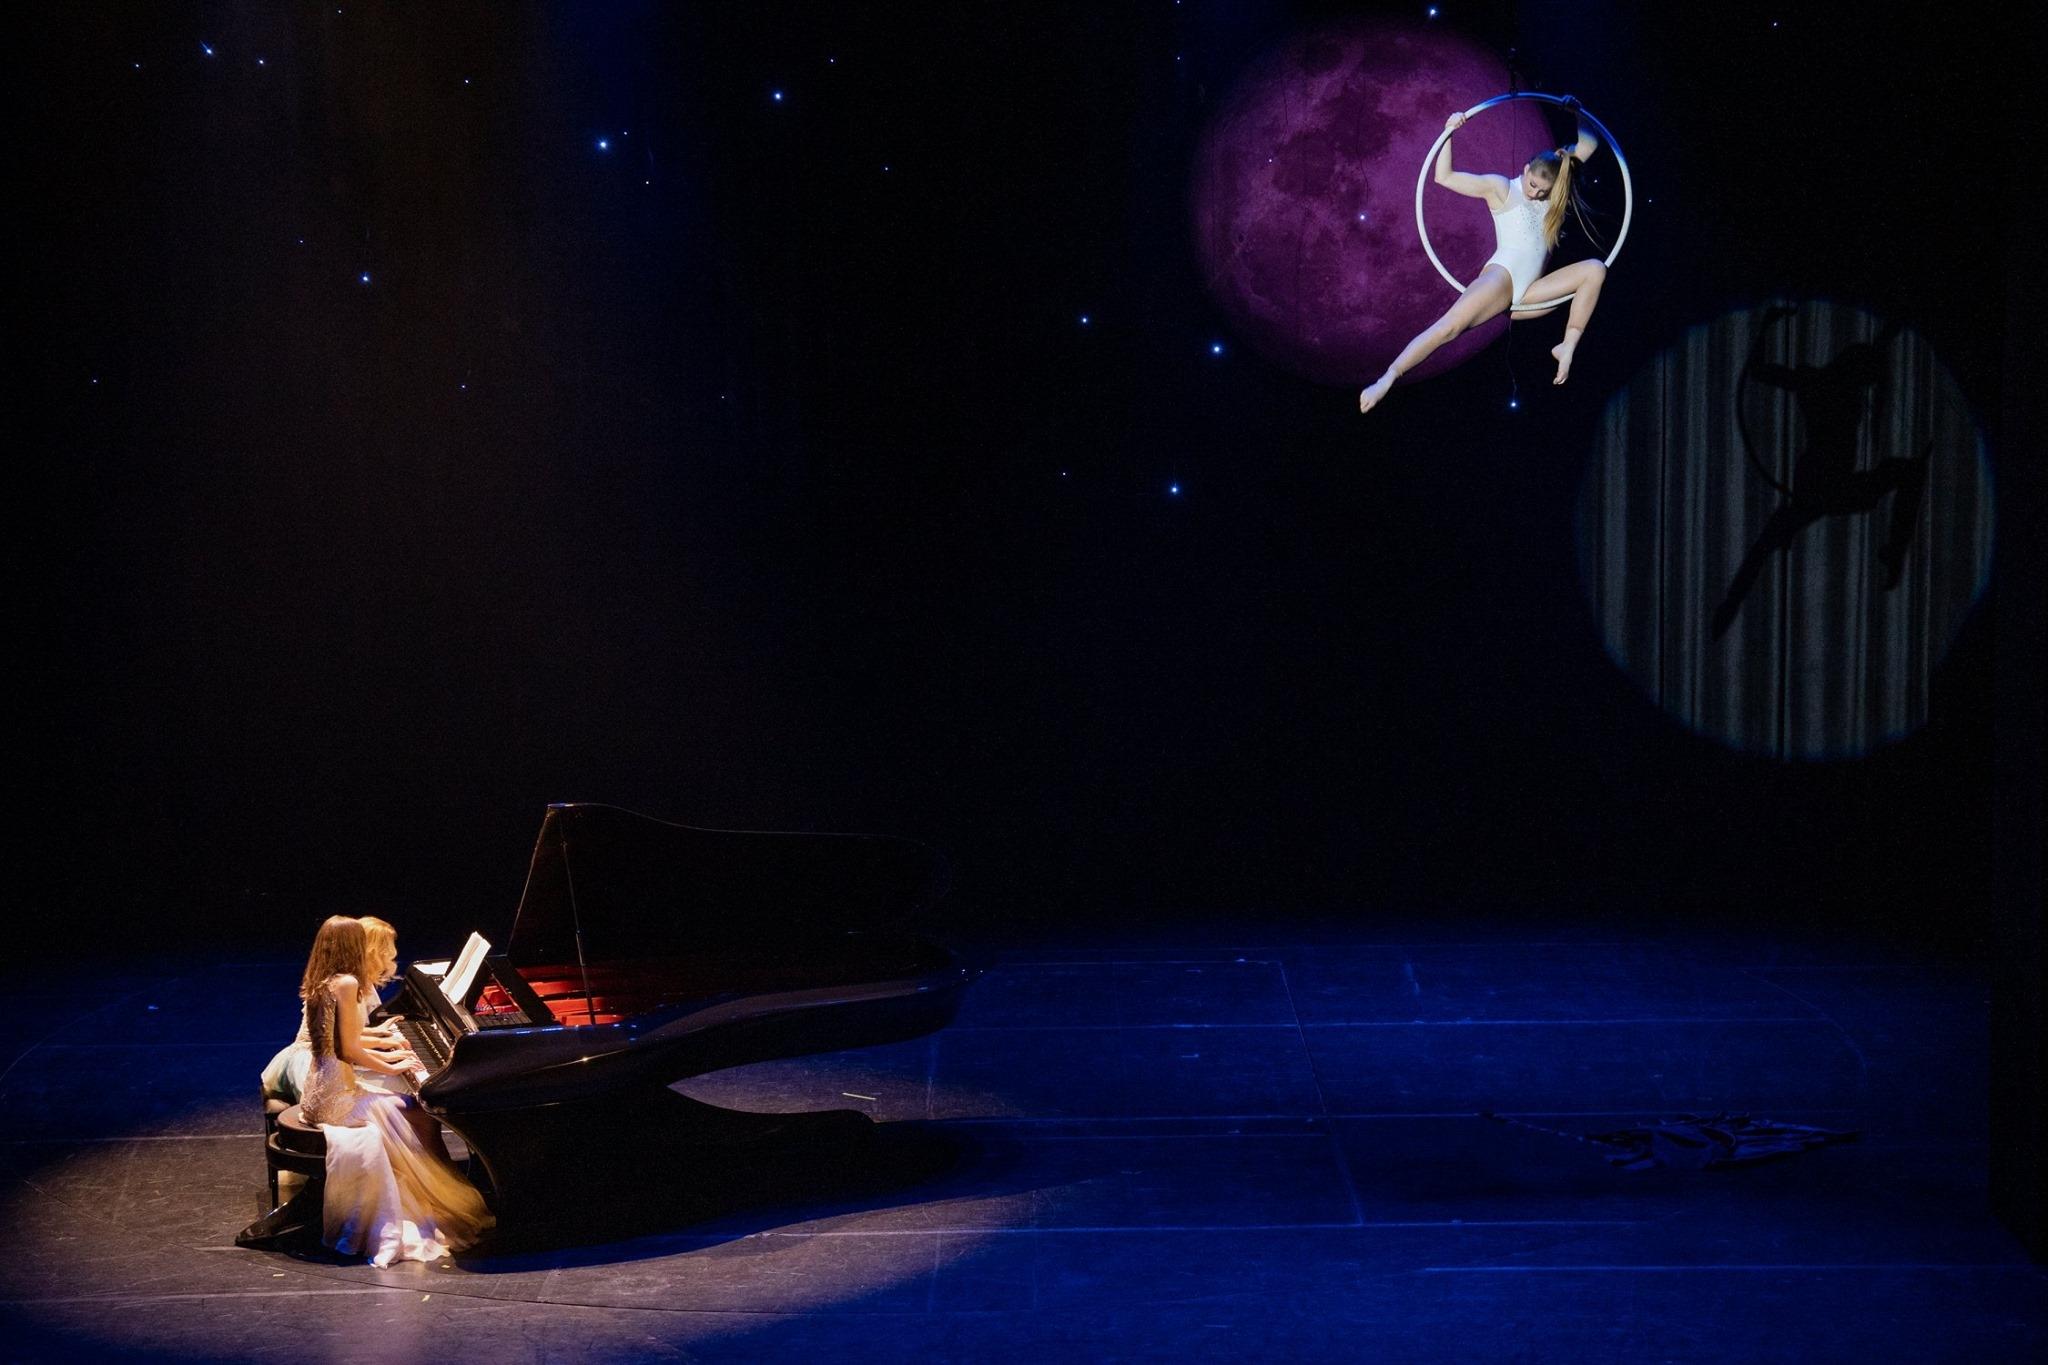 Sokszínű Varázslat: a komolyzene randevúja a cirkuszművészettel